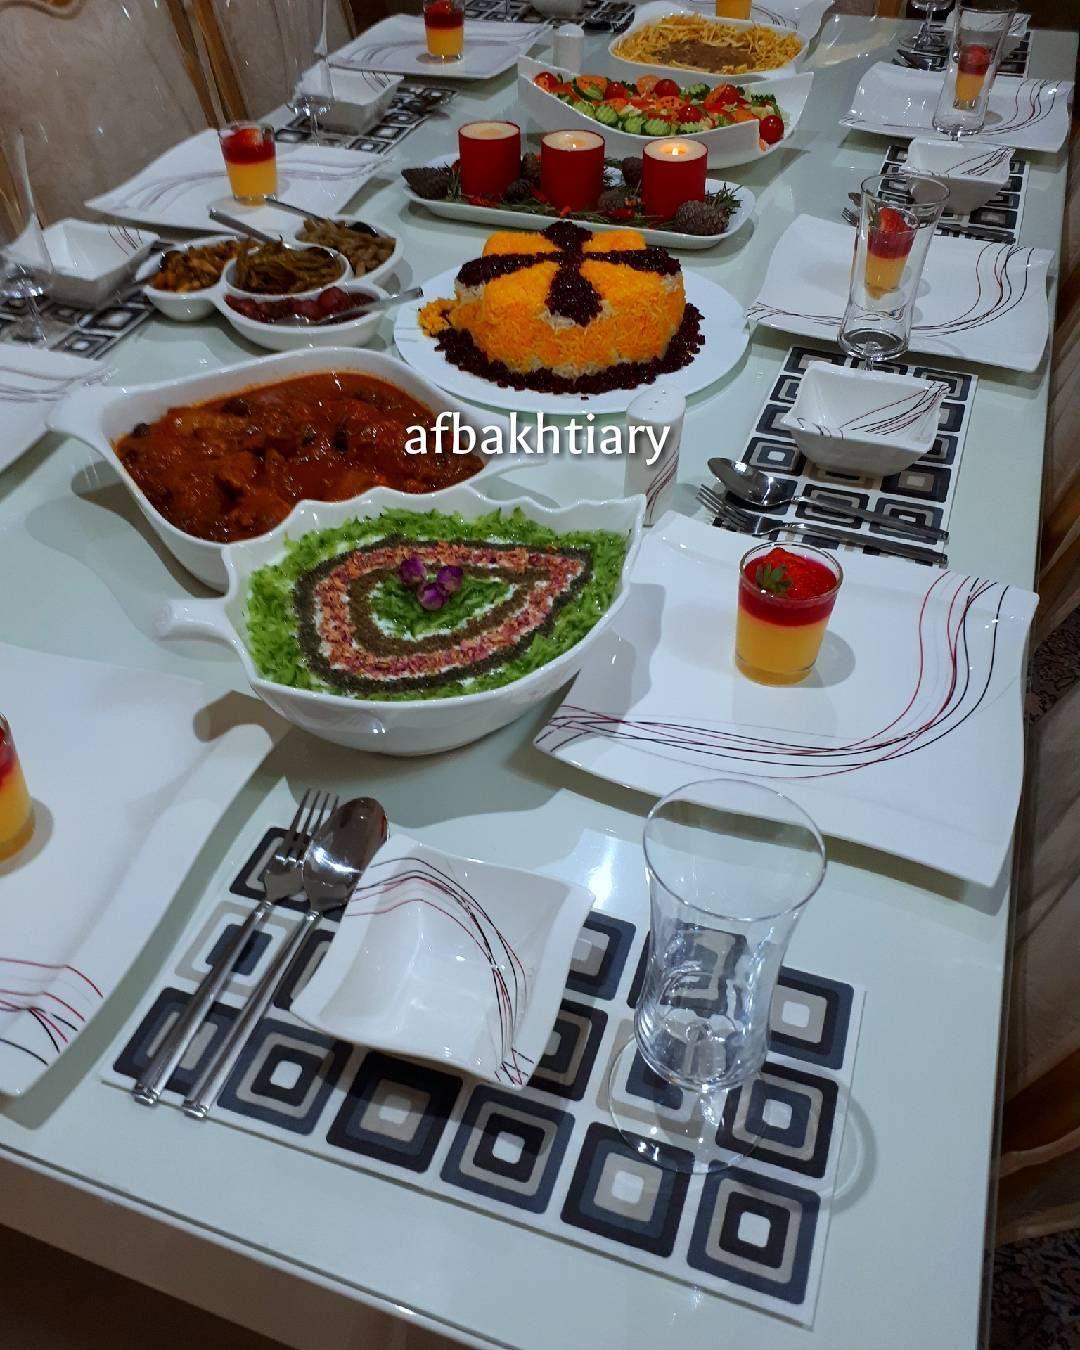 یک شب خوب با عزیزانم معمولا وقتی مهمان دارم باید به سرعت و با عجله از میز شام عکس بگیرم که غذاها سرد نشه اسم غذا ها بیف استراگانف Food Table Settings